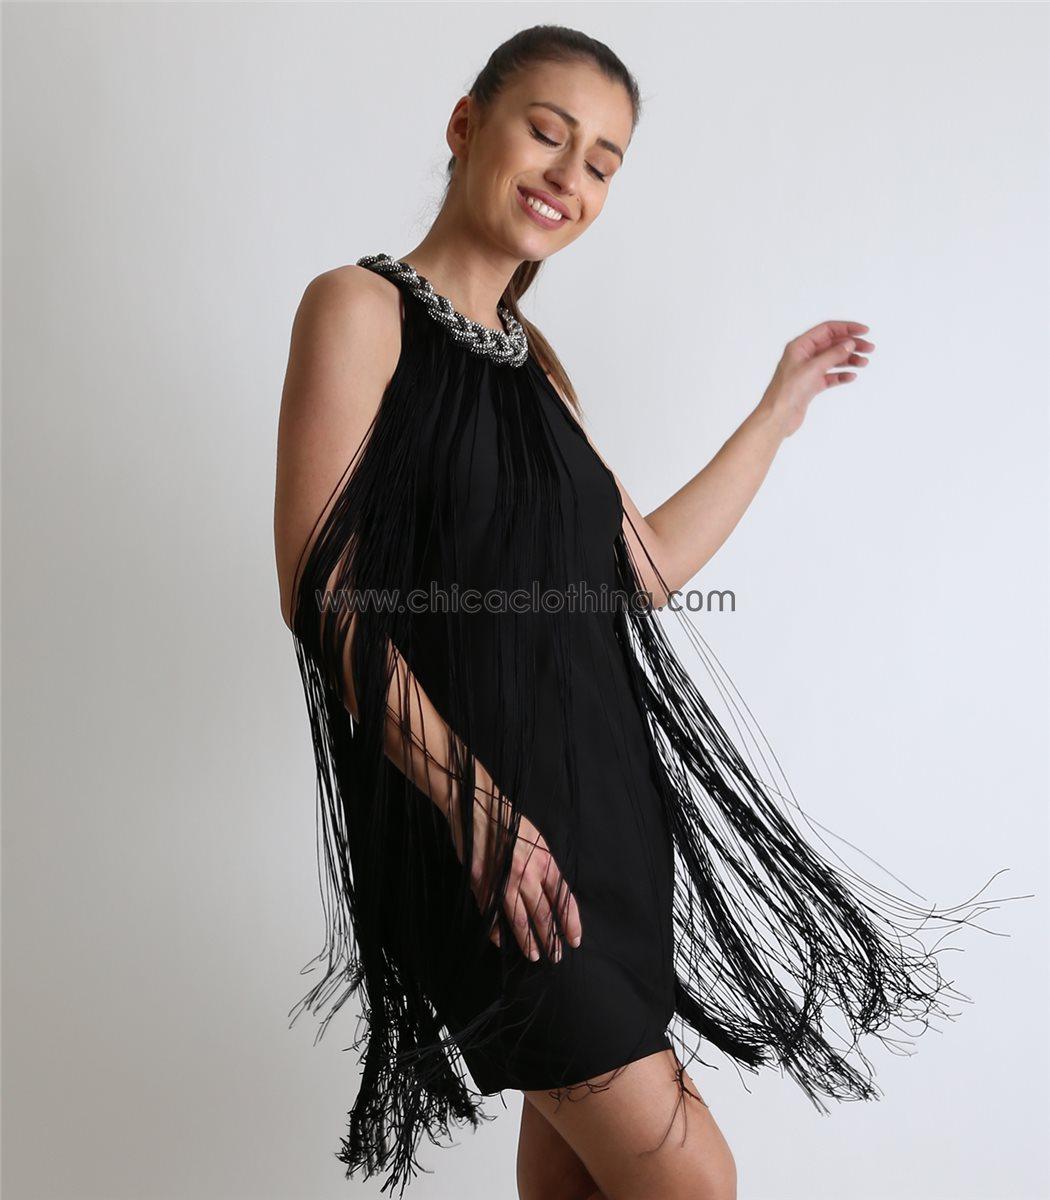 474e1b1bd4c1 Οι μεγαλύτερες ή μικρότερες λεπτομέρειες με κρόσσια αναμένεται να δώσουν  έναν ιδιαίτερο τόνο στα γυναικεία ρούχα αυτής της περιόδου. Φορέματα που  παραπέμπου ...